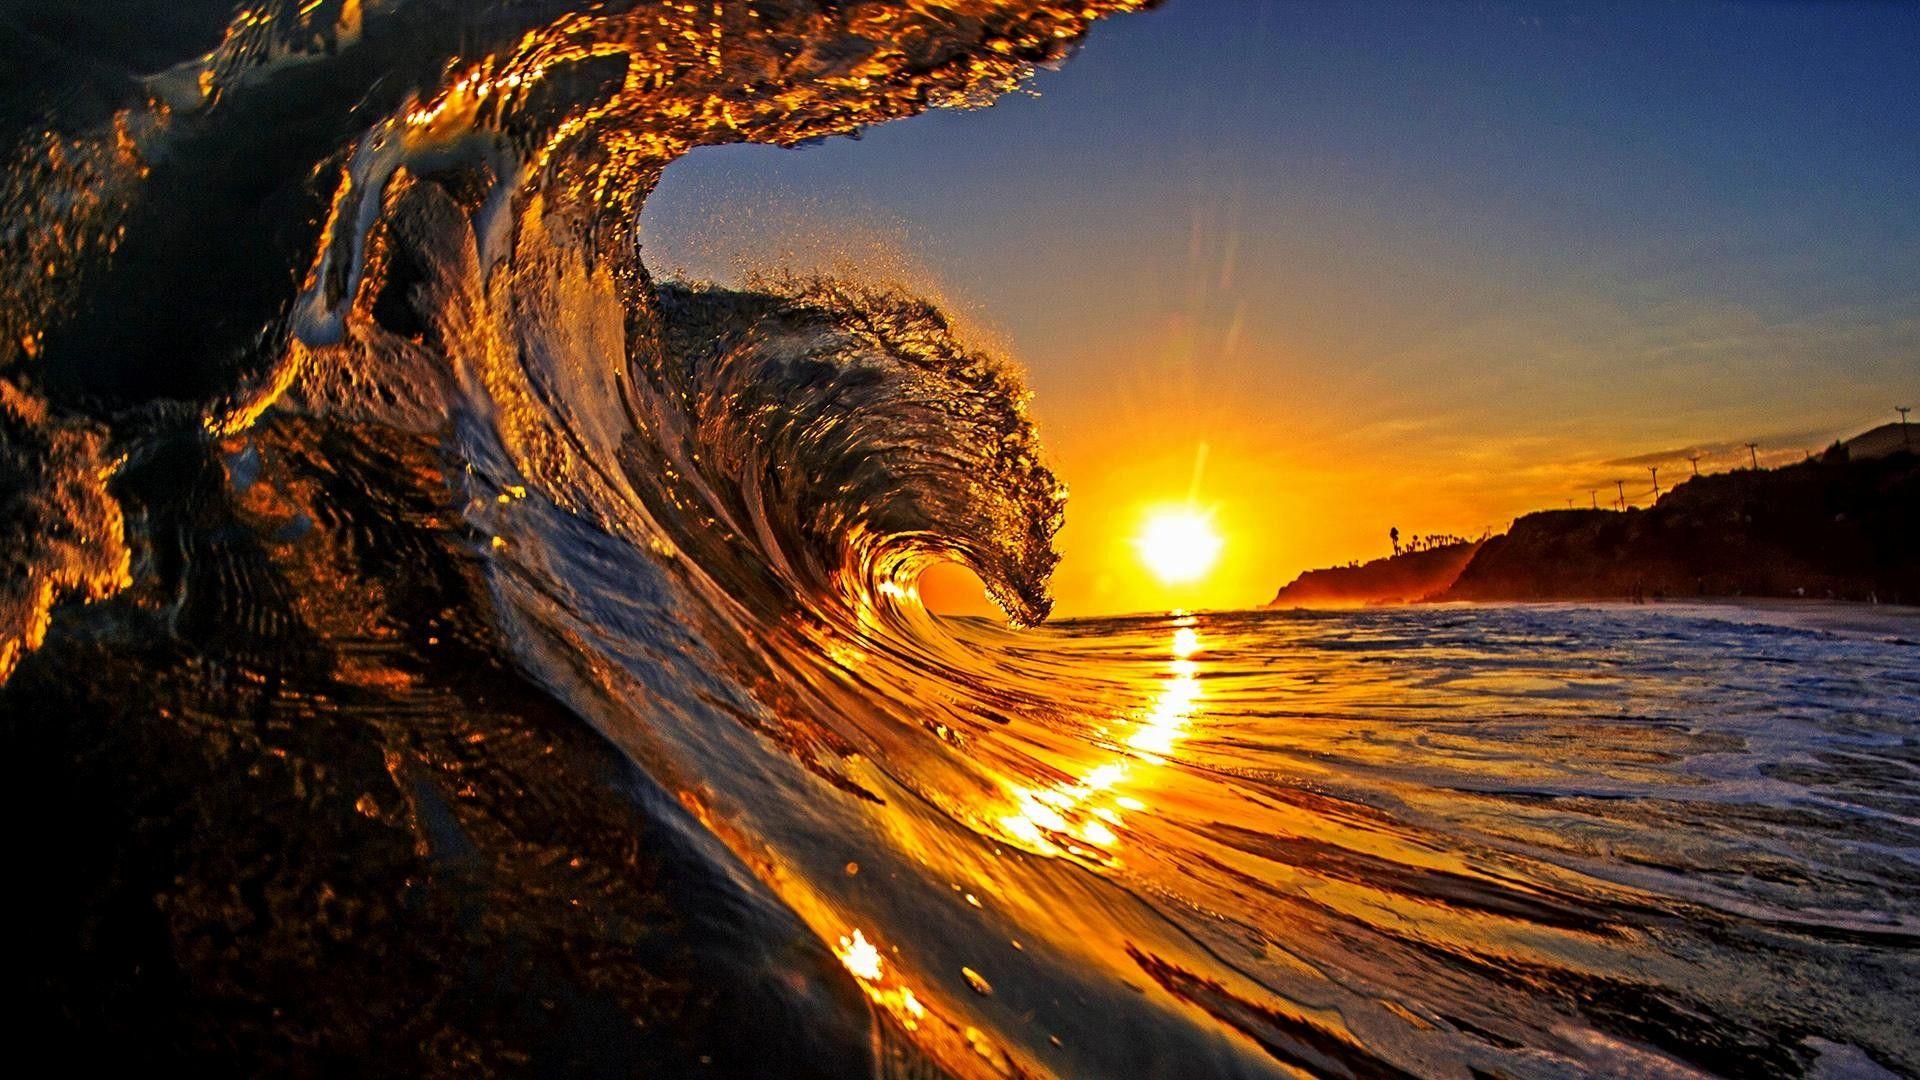 1920x1080 Sea Waves Wallpaper Widescreen Hd Sunset Surf Waves Wallpaper Sunset Wallpaper Hd wallpaper surfer wave ocean sky